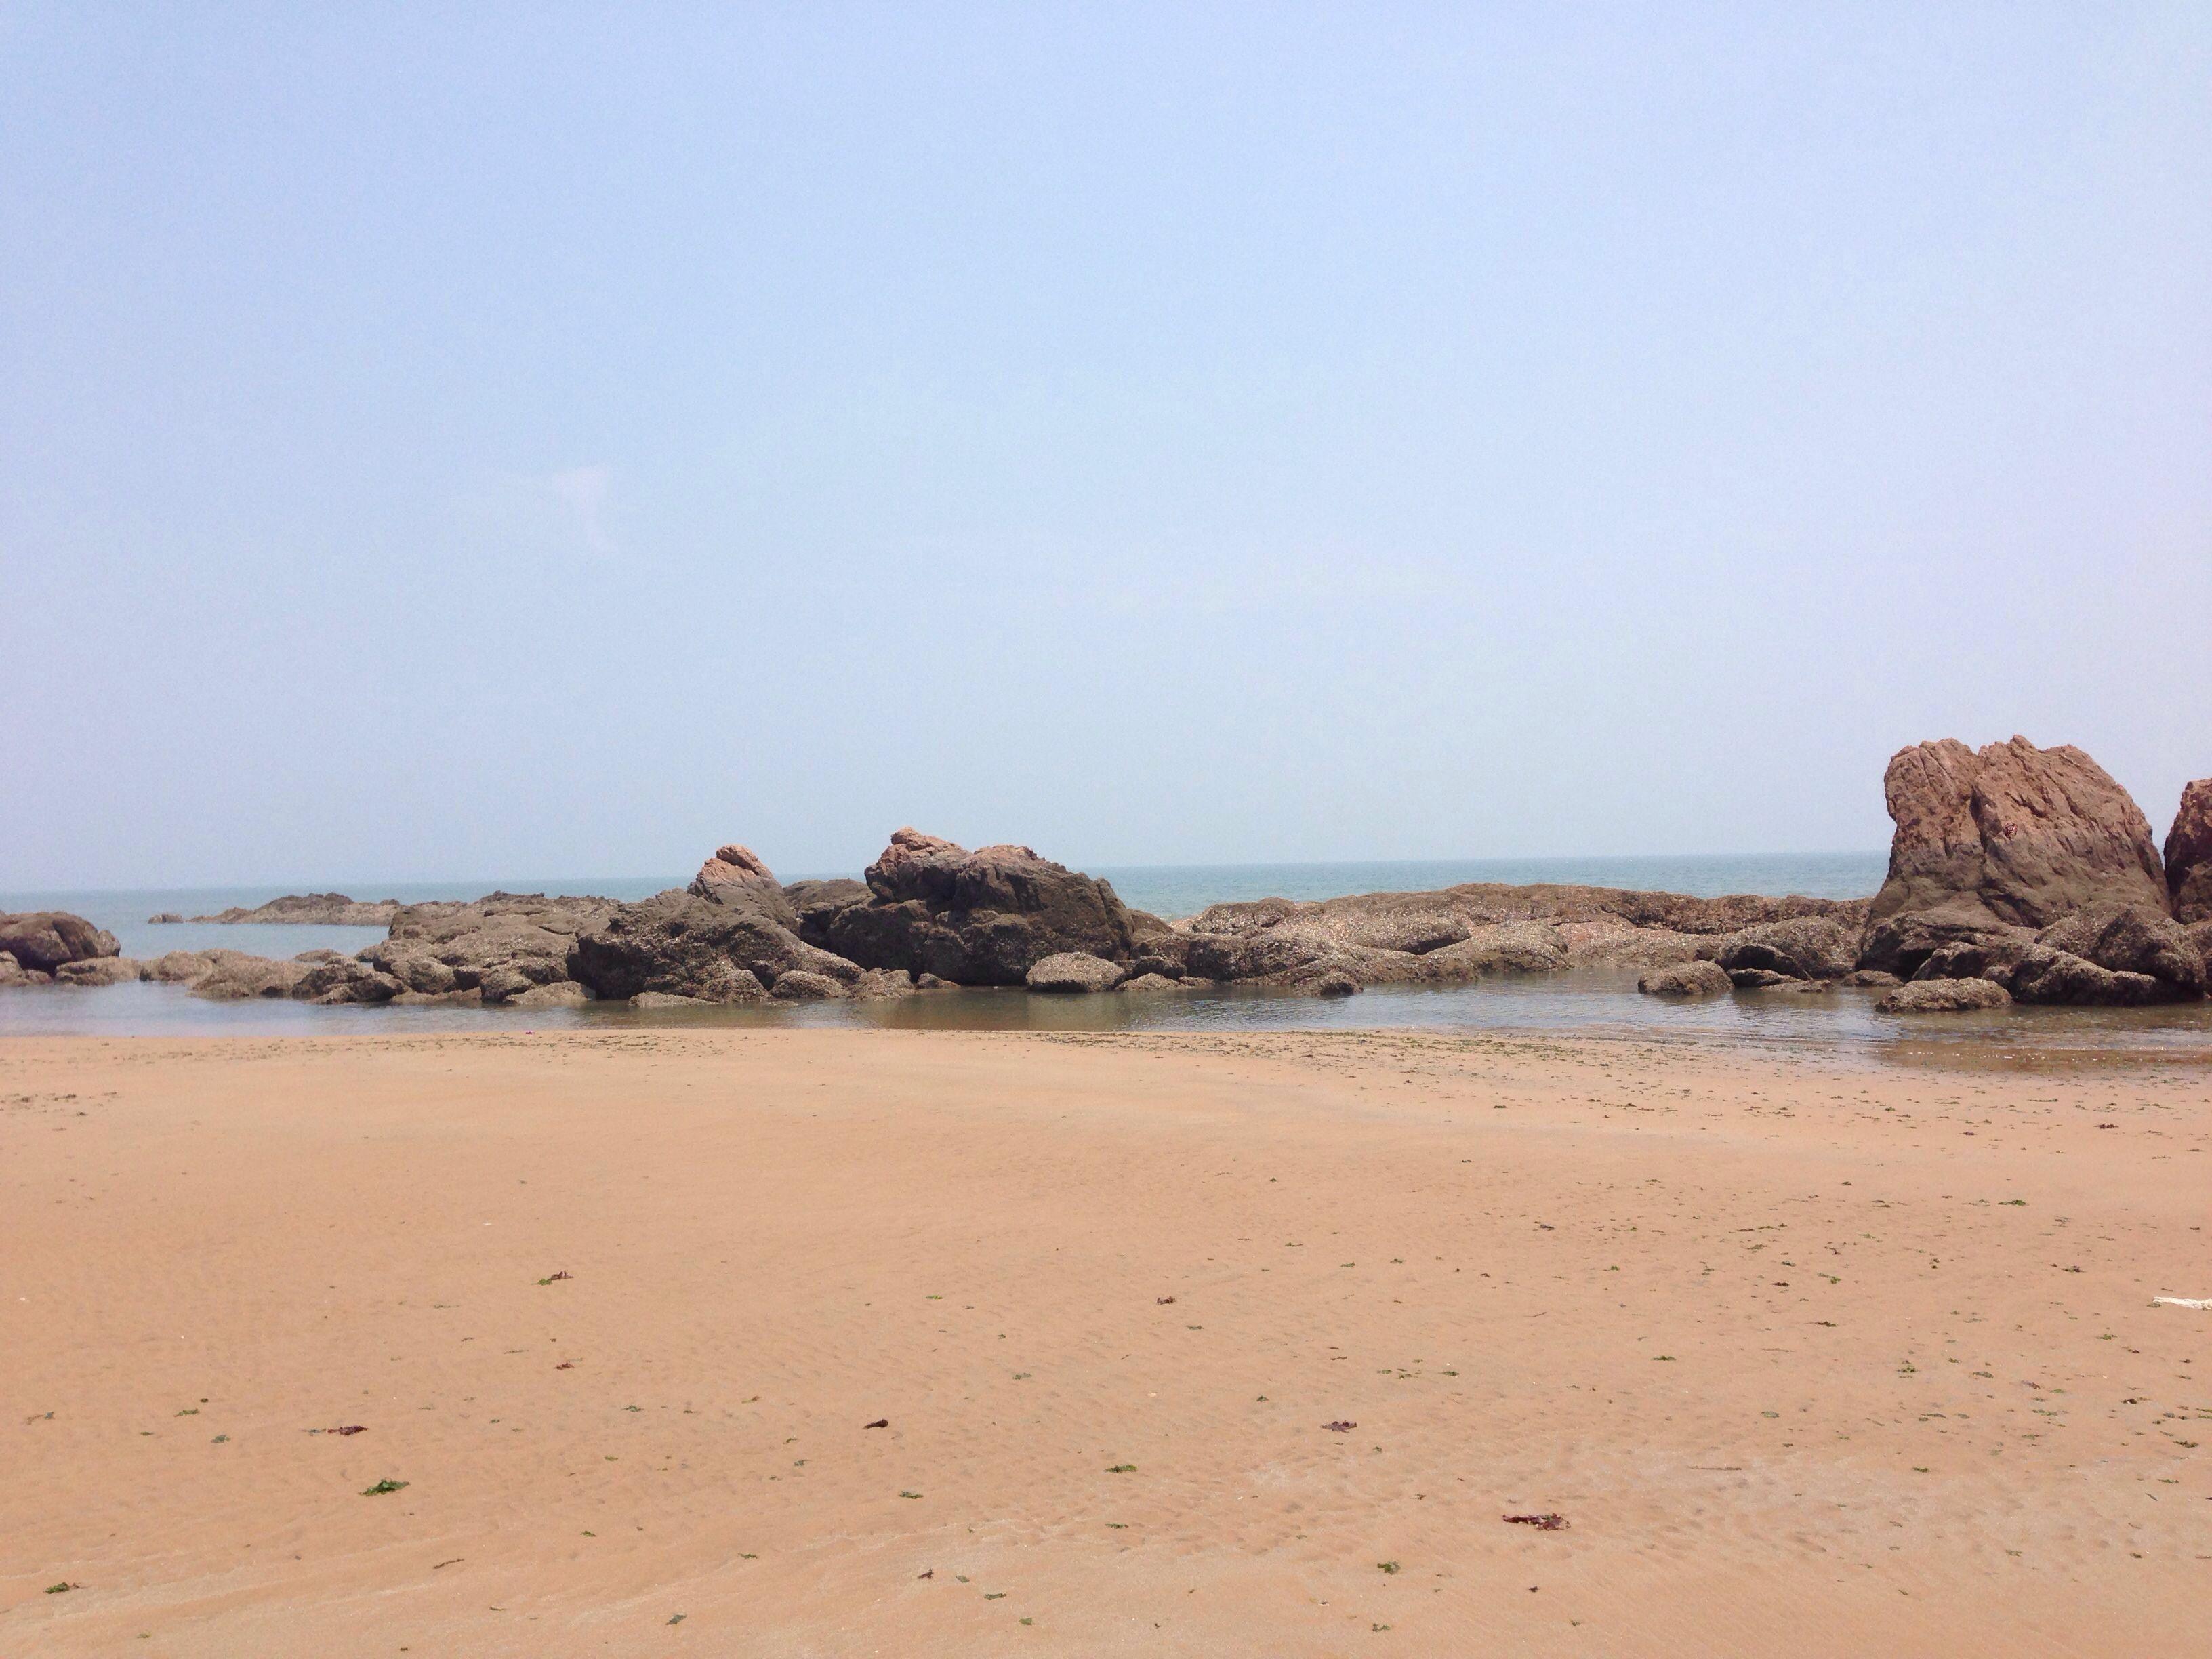 【携程攻略】山东黄岛金沙滩适合情侣出游旅游吗